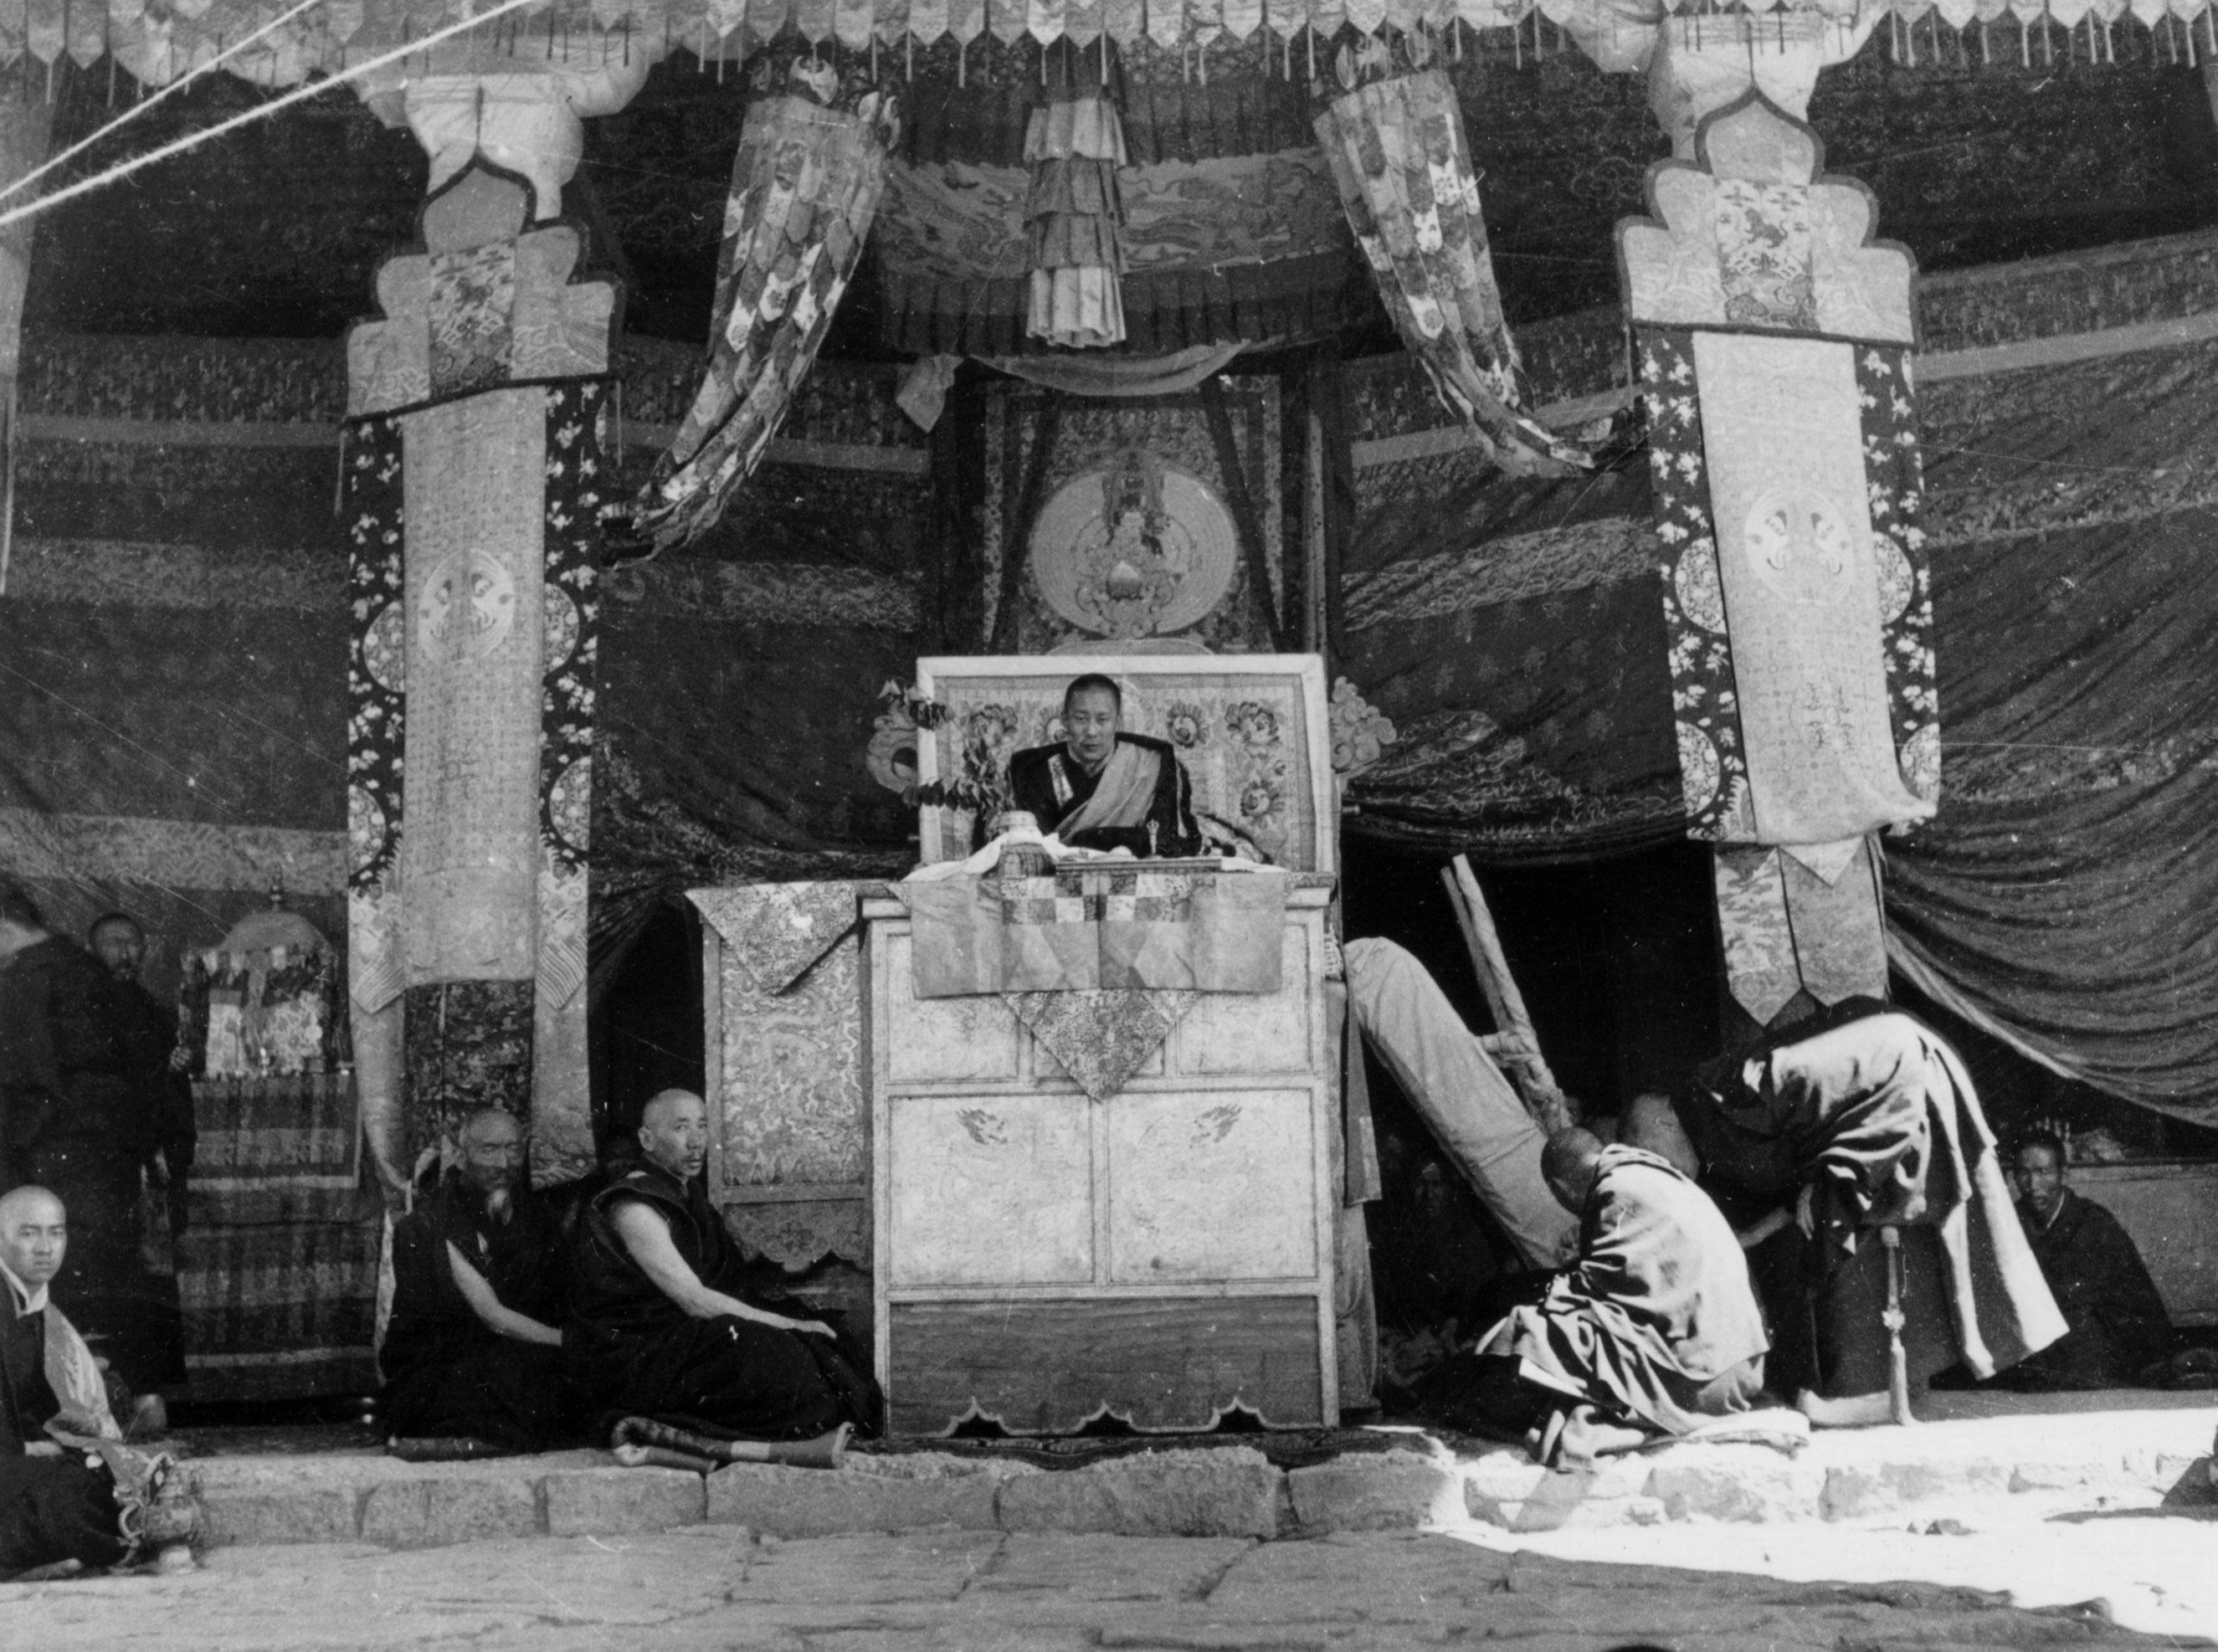 The Dalai Lama performs his first ever Avalokiteshwara Kalachakra initiation at age 19 in 1954.